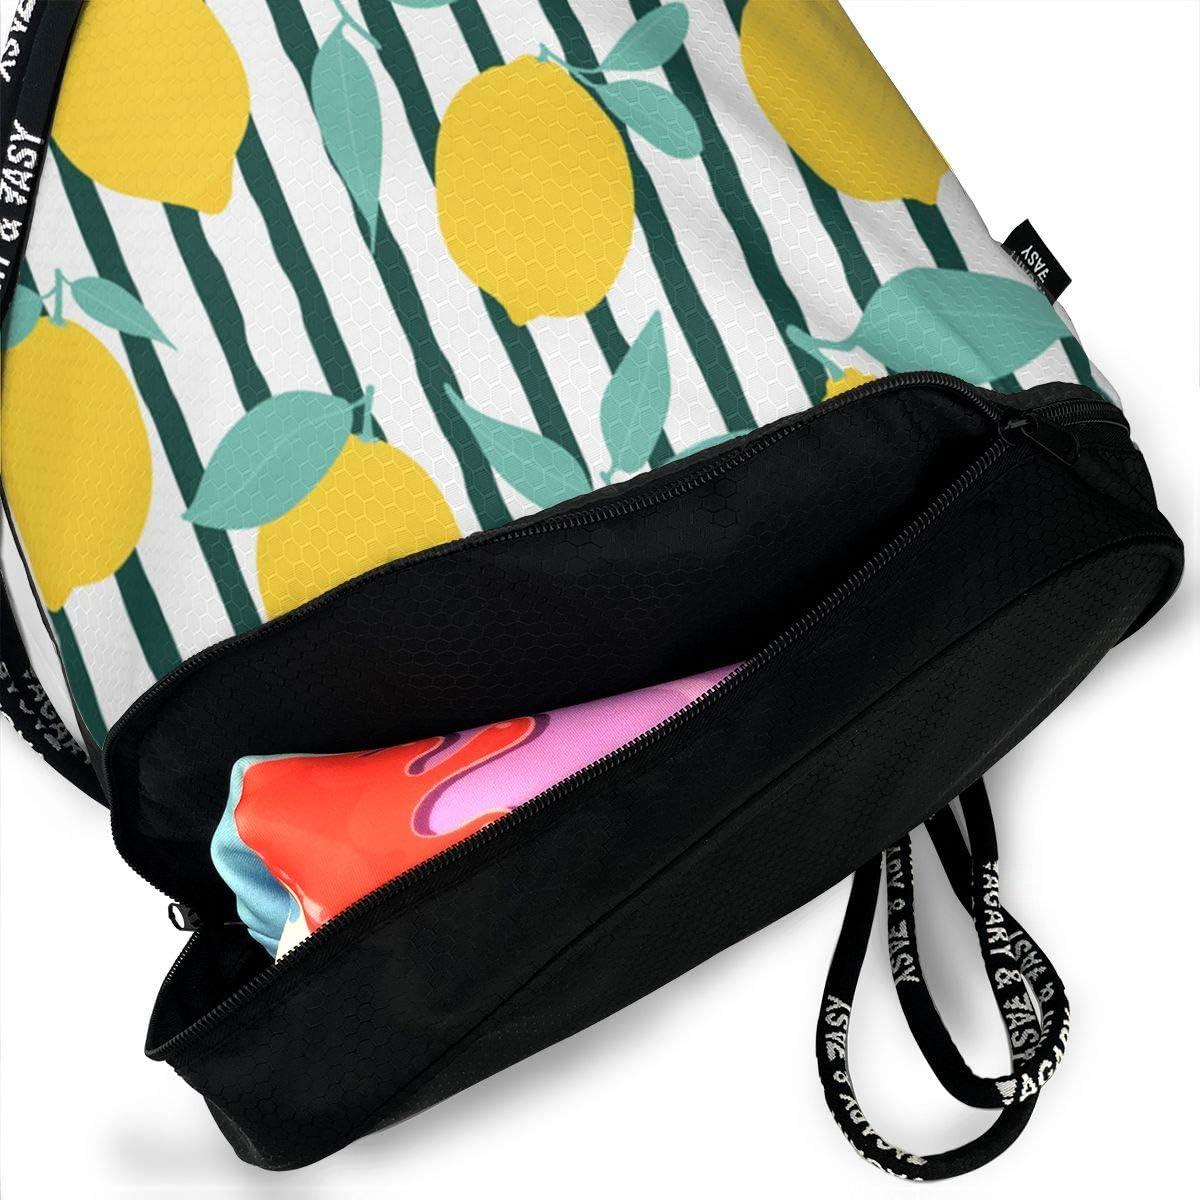 HUOPR5Q Seamless-Lemon Drawstring Backpack Sport Gym Sack Shoulder Bulk Bag Dance Bag for School Travel